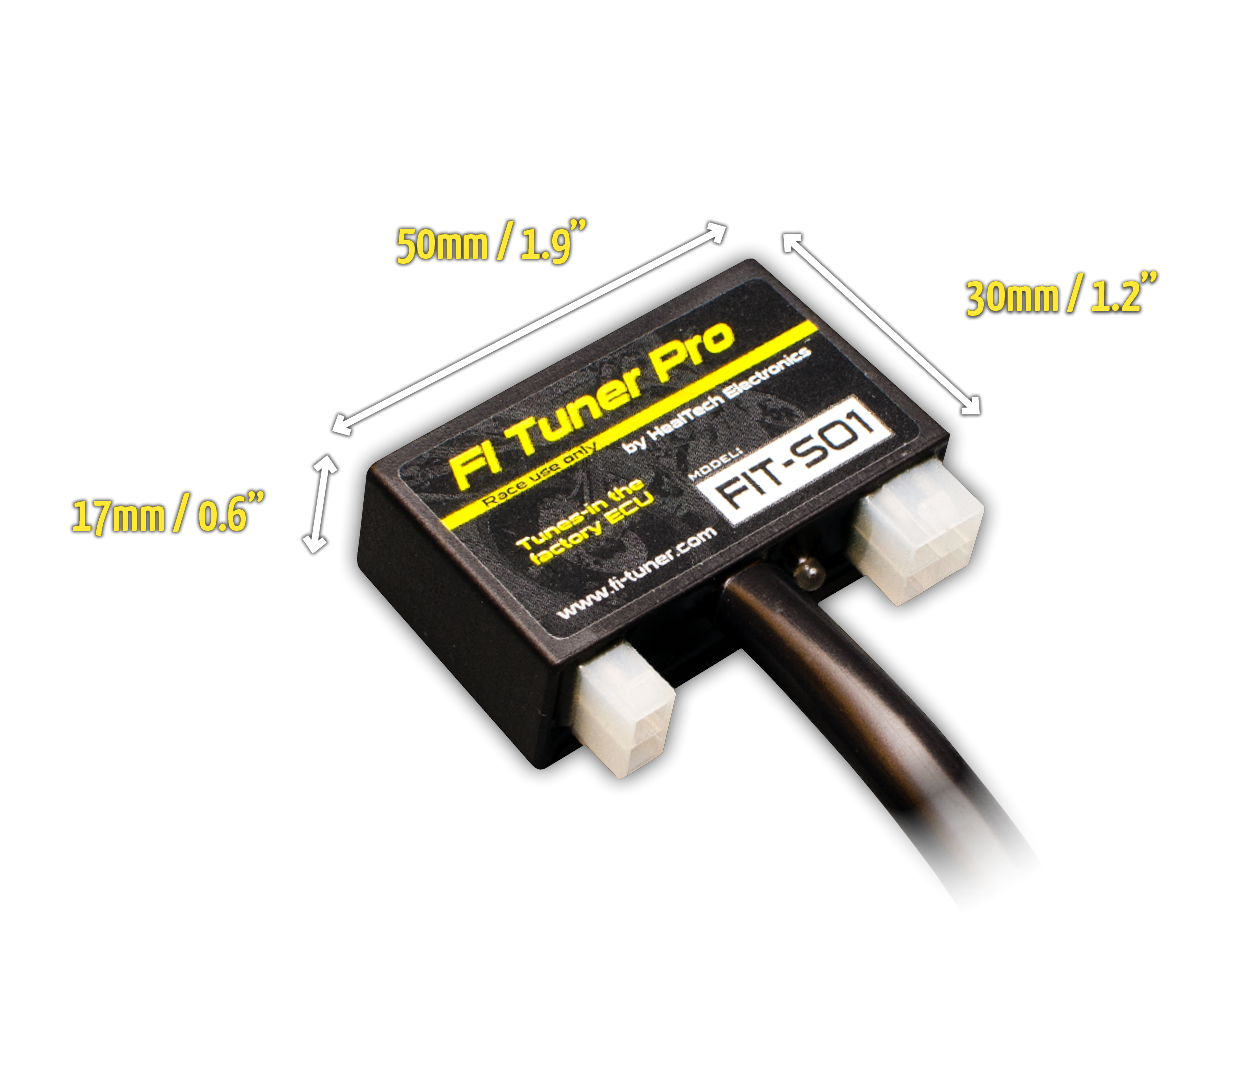 FI Tuner Pro for Suzuki and Kawasaki